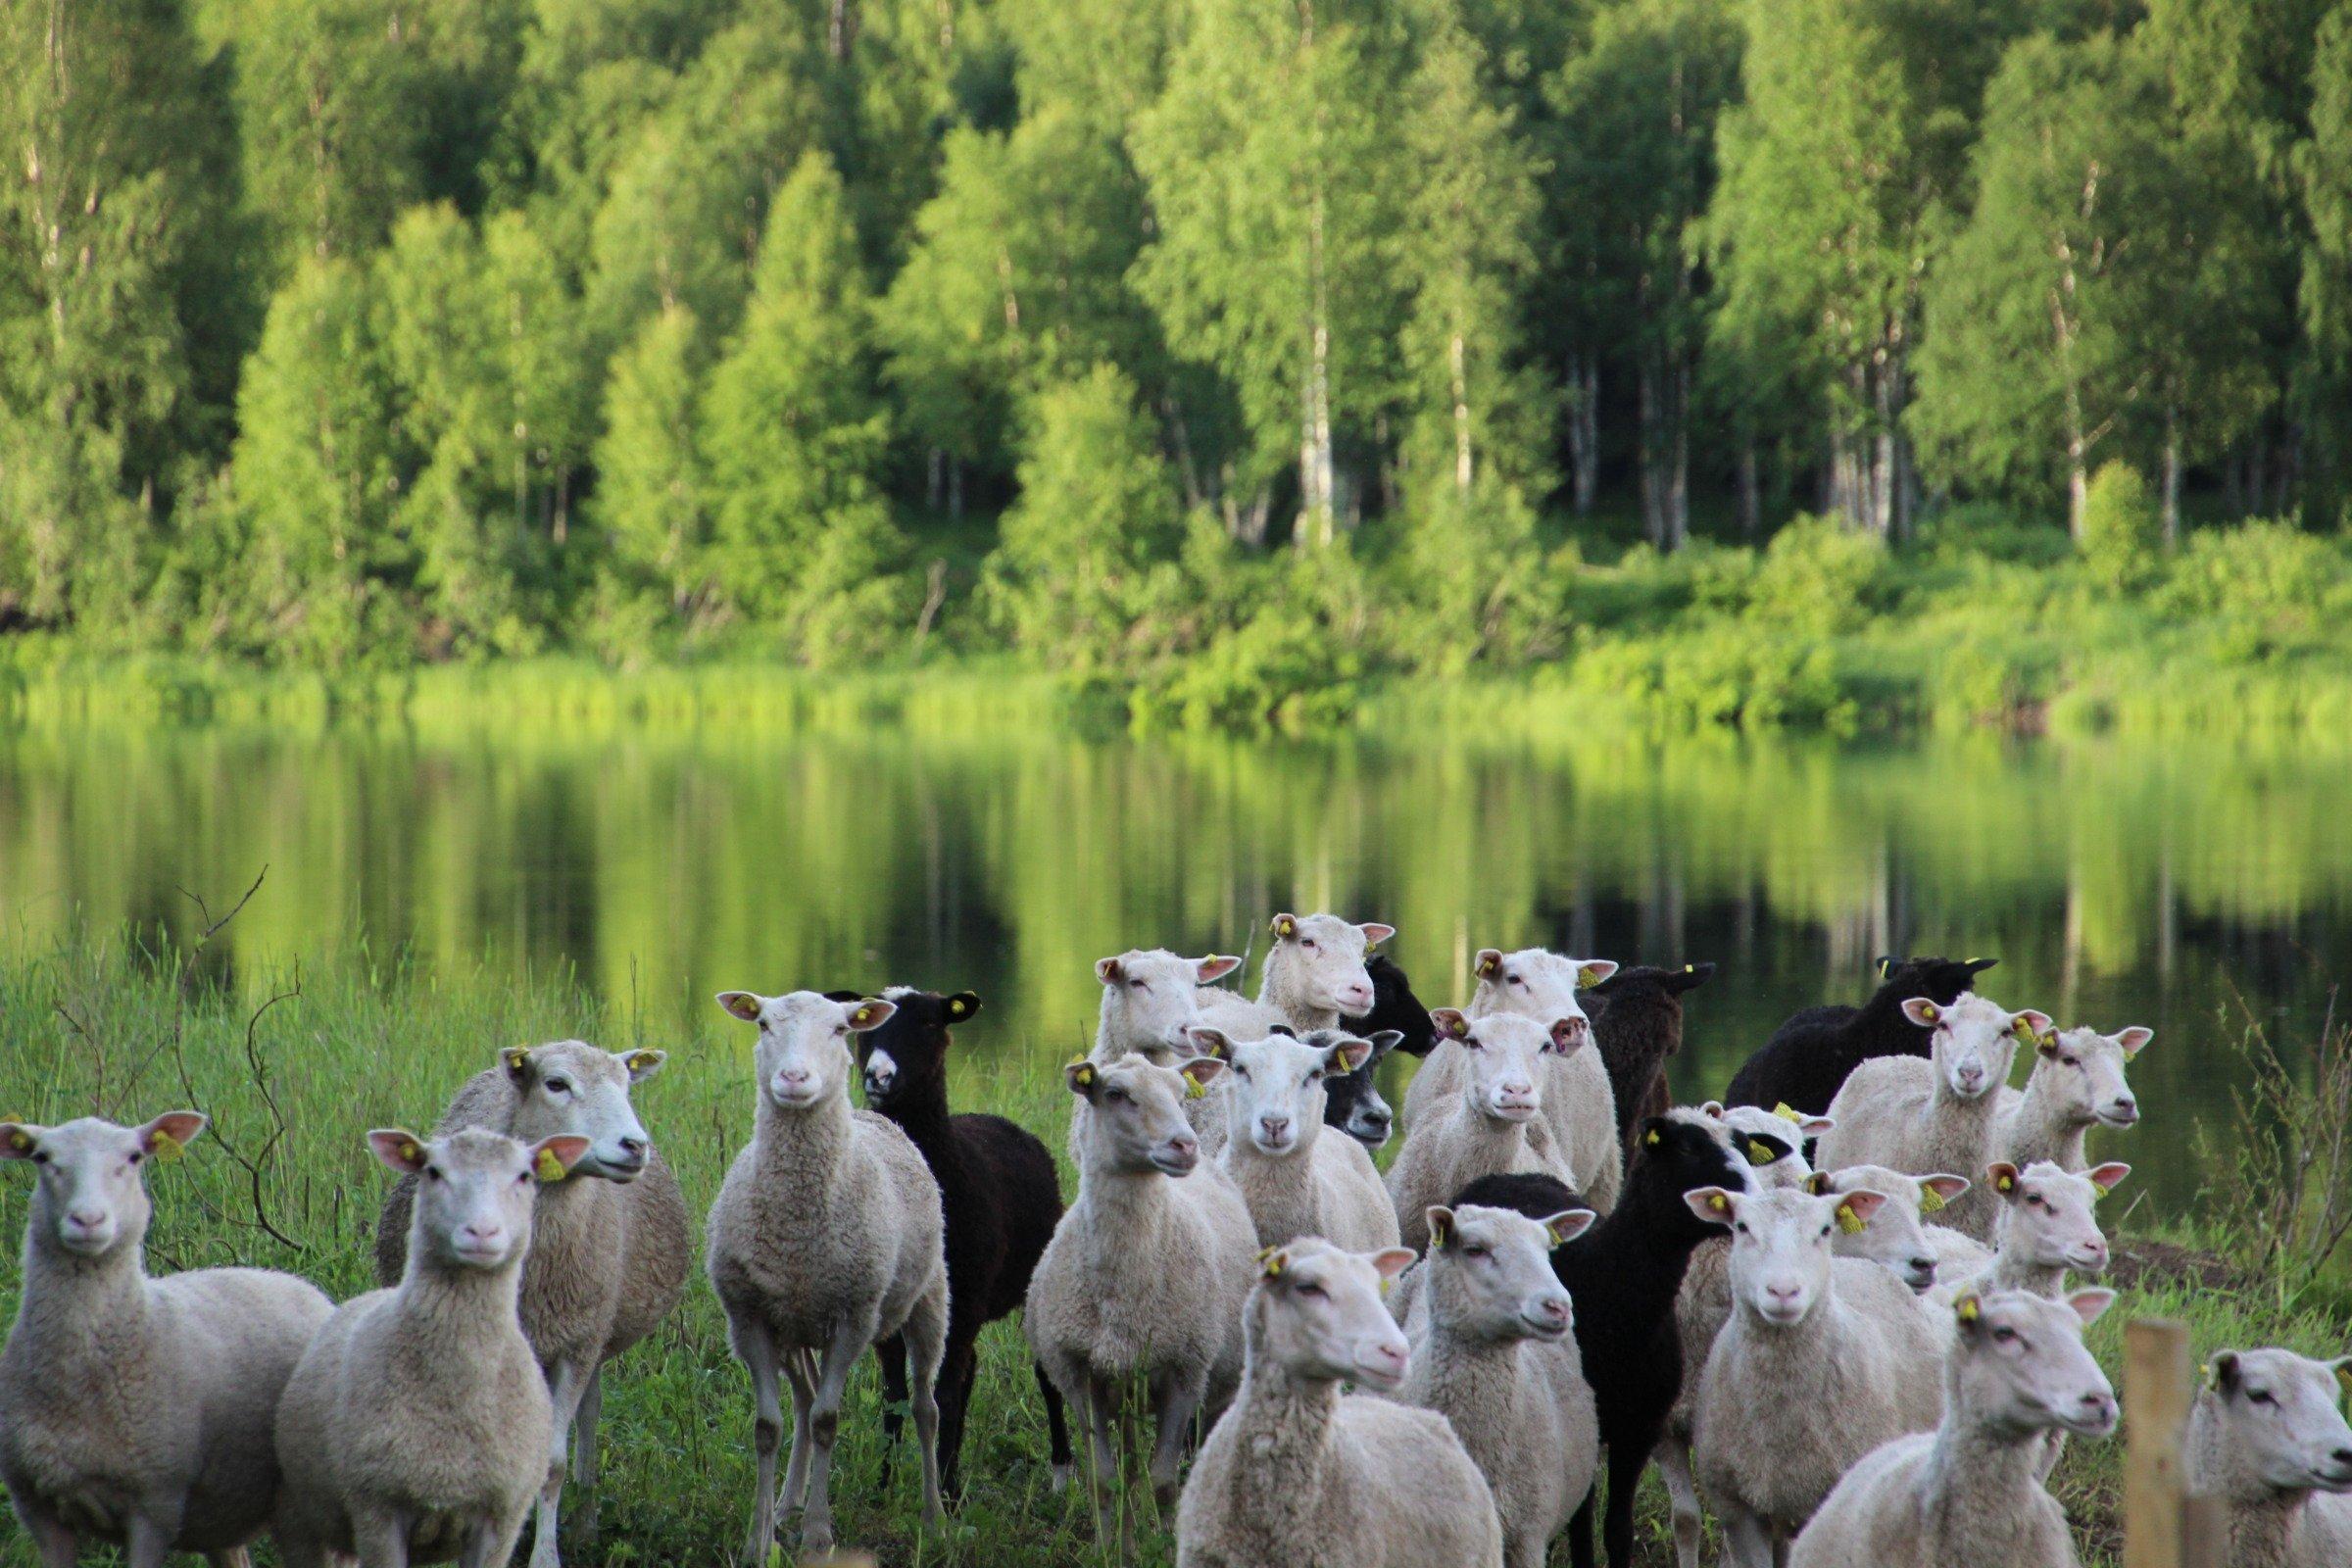 Lampaita Nivankylän Lietesaaressa 2020 (c) Piia Juntunen-Laakso